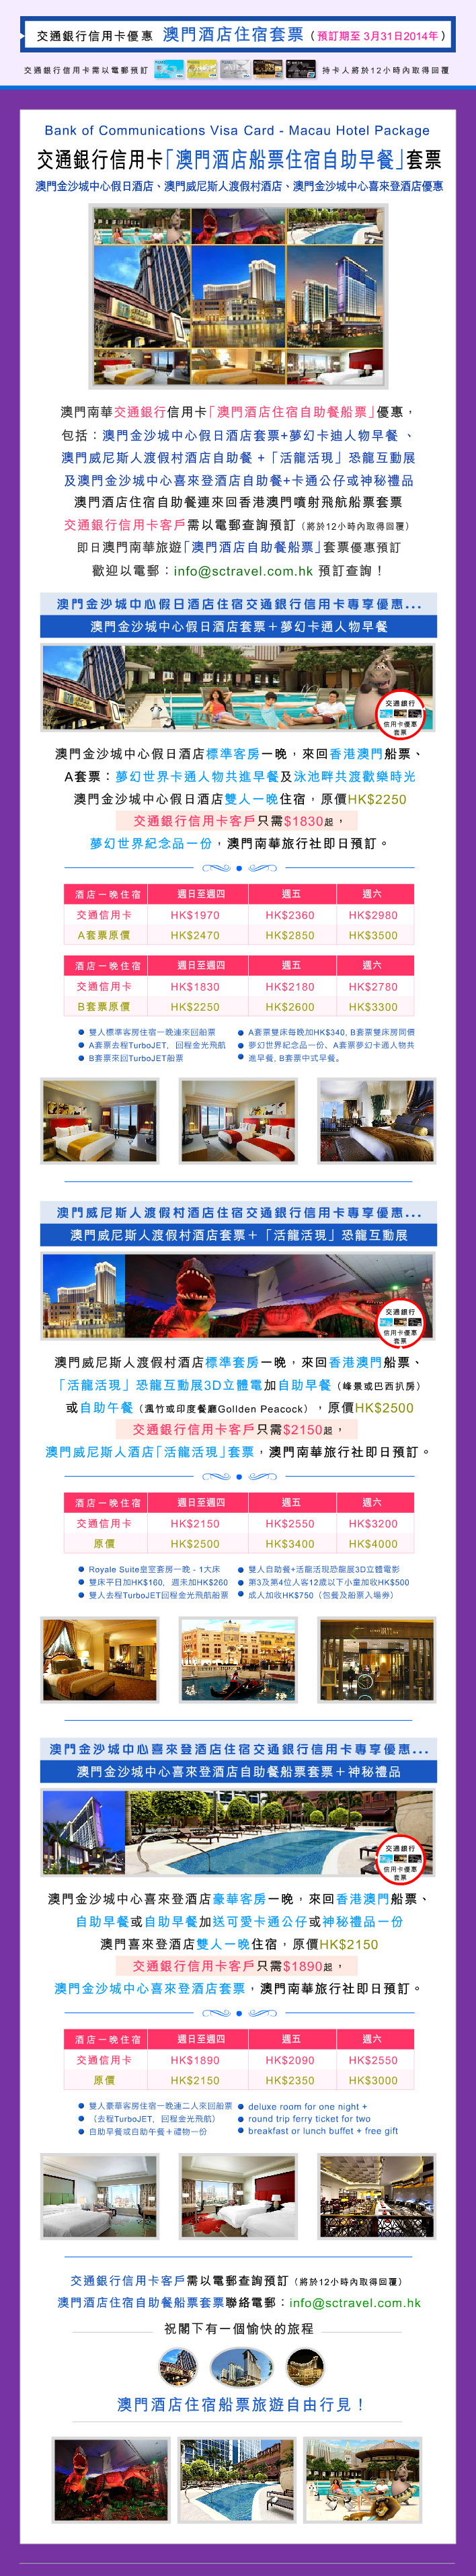 預訂澳門酒店住宿自助餐連來回船票價錢優惠套票 macau hotel buffet package